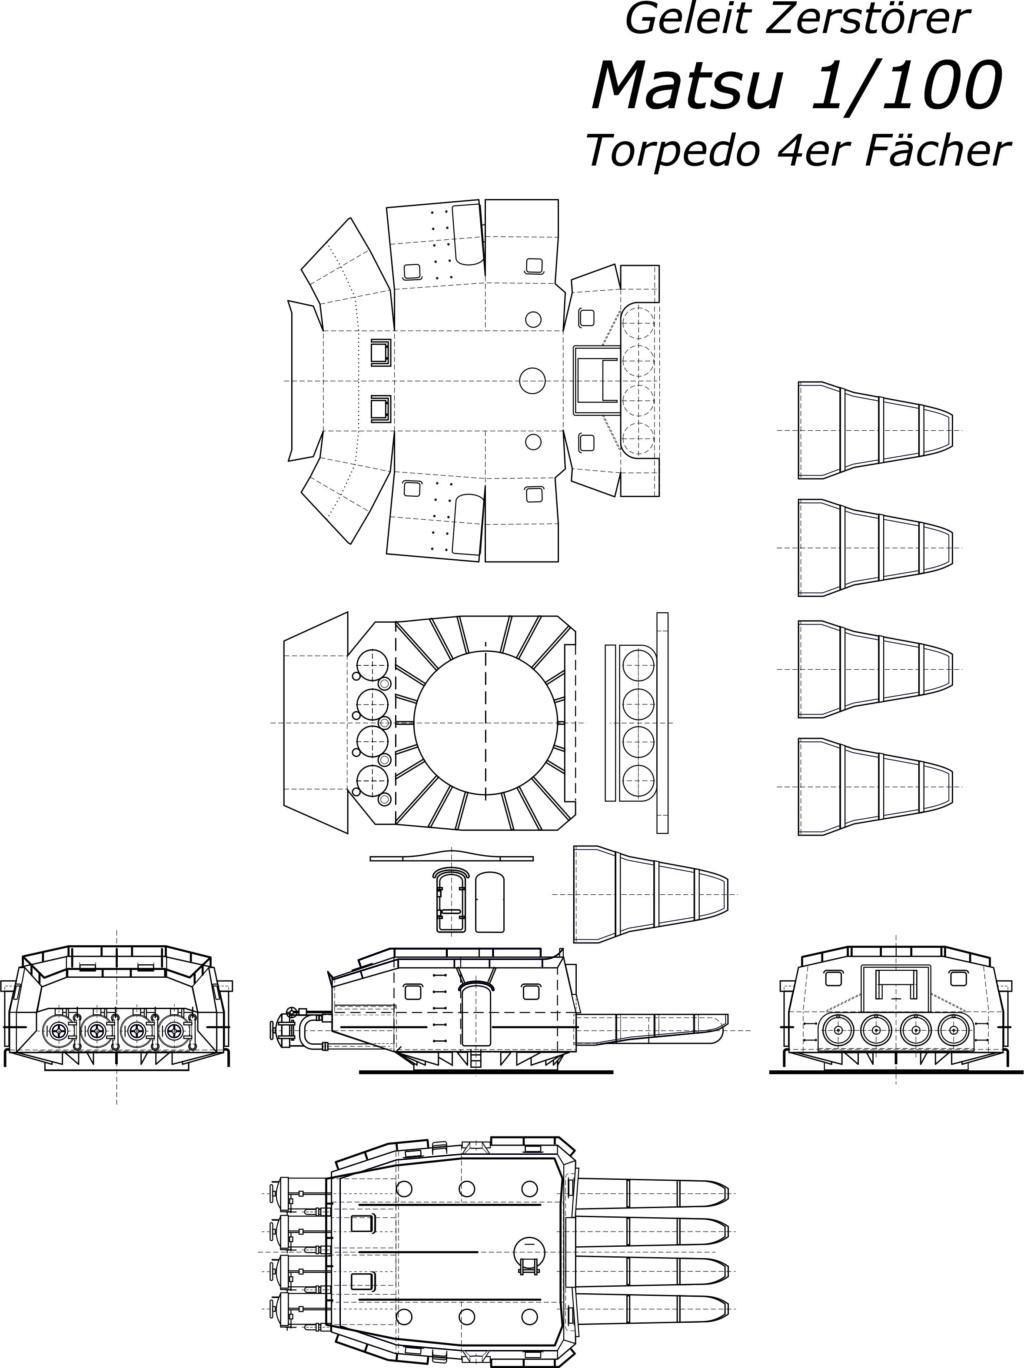 Japanischer Begleitzerstörer der Matsu Klasse, M 1/100 Bitmap13